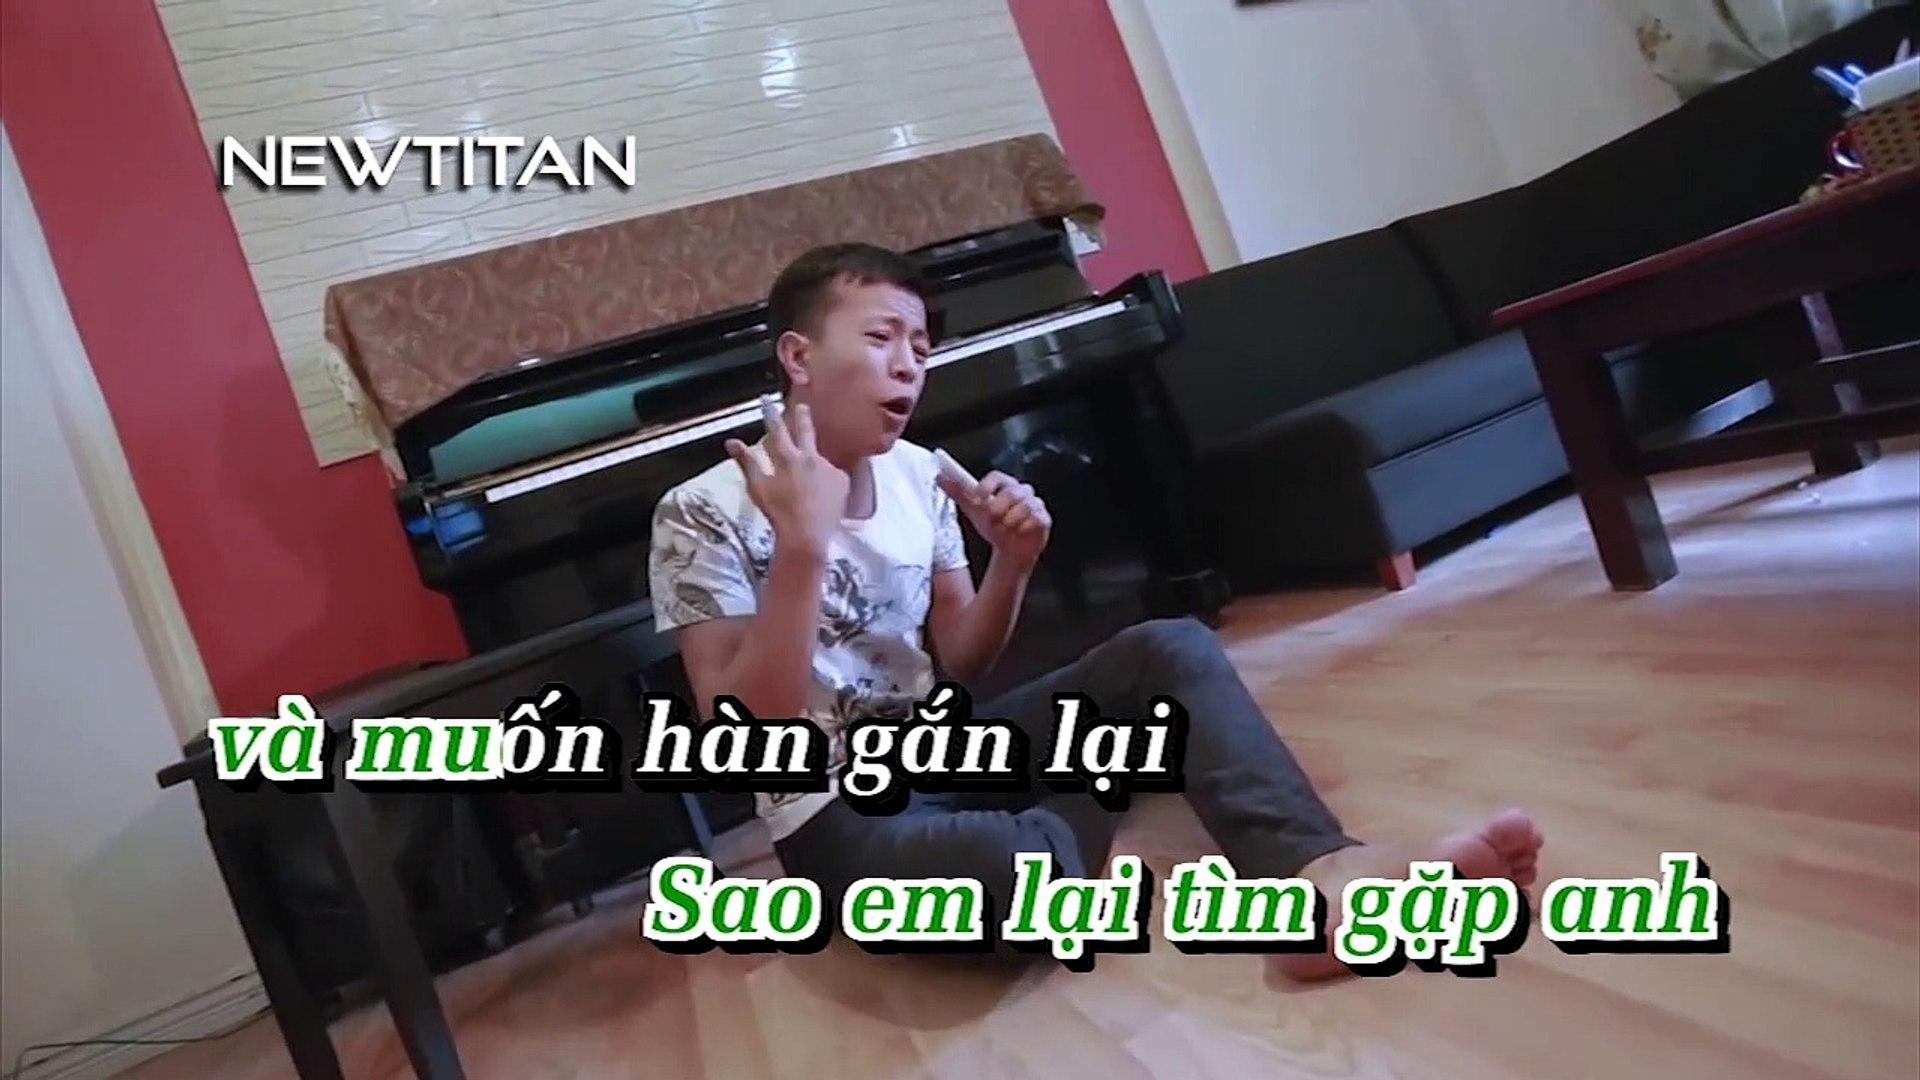 [Karaoke] Anh Đã Bị Lừa - Nguyên Jenda ft. Tuấn Đen, Mạnh Mh [Beat]